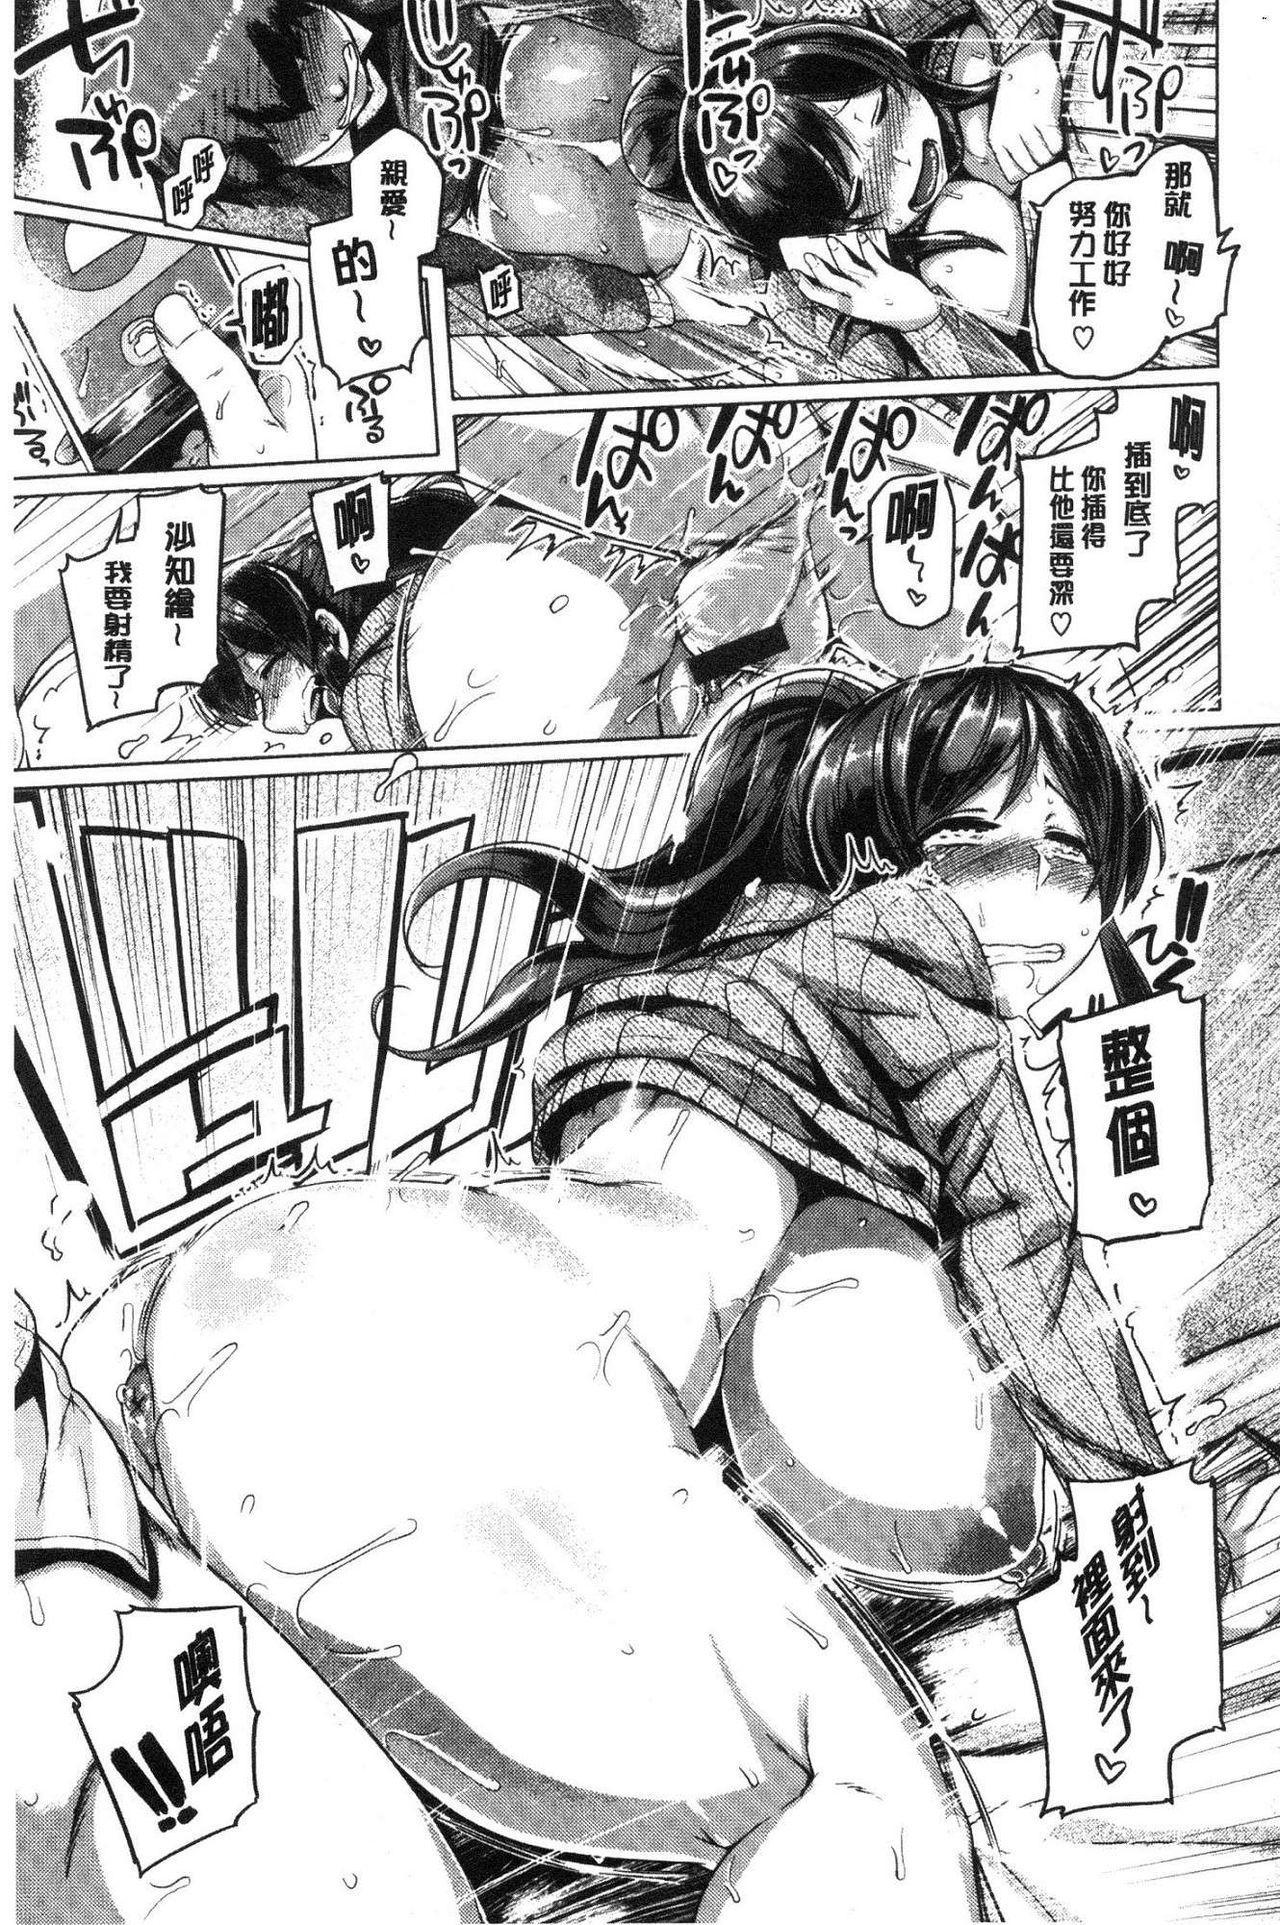 Chichi Shiri Futomomo 187